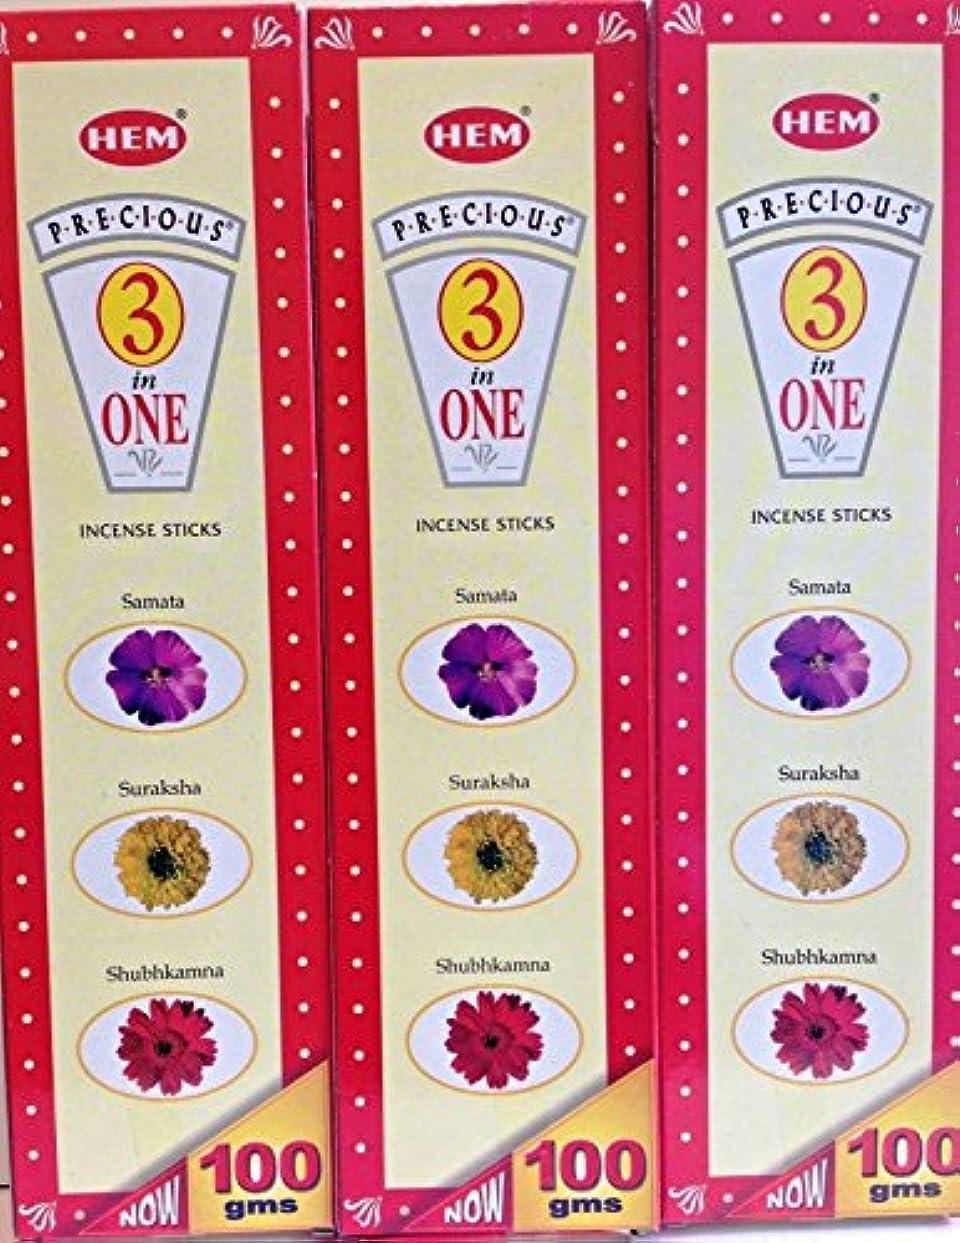 クスコブラウズ資金Hem Precious 3 in 1 Incense Sticks 100 g x 3パック( 75 sticks per pack x 3 )